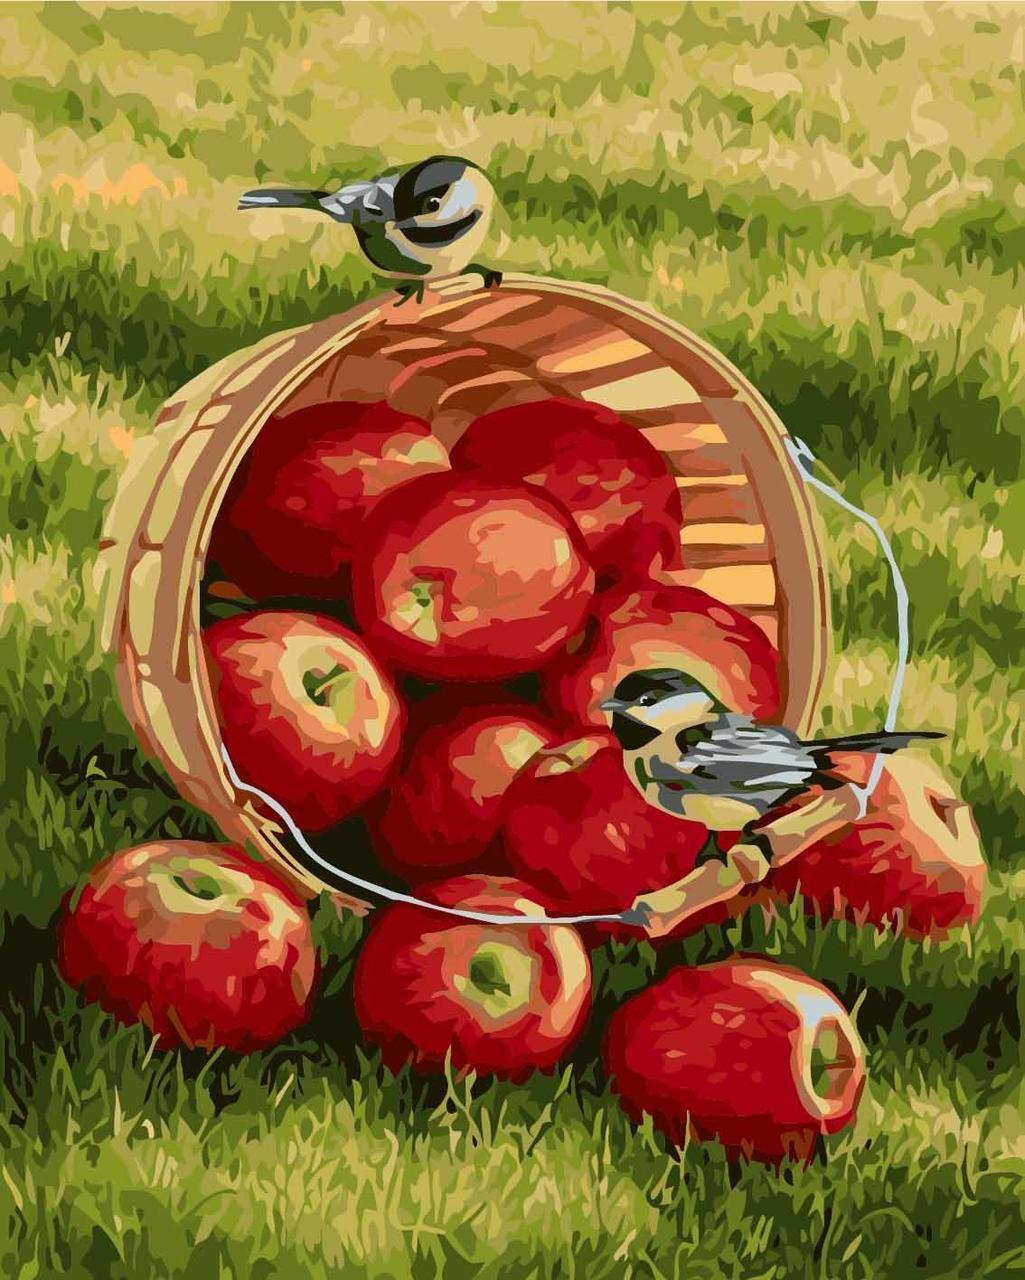 КНО2469 Раскраска по номерам Хрустящие яблочки, Без коробки